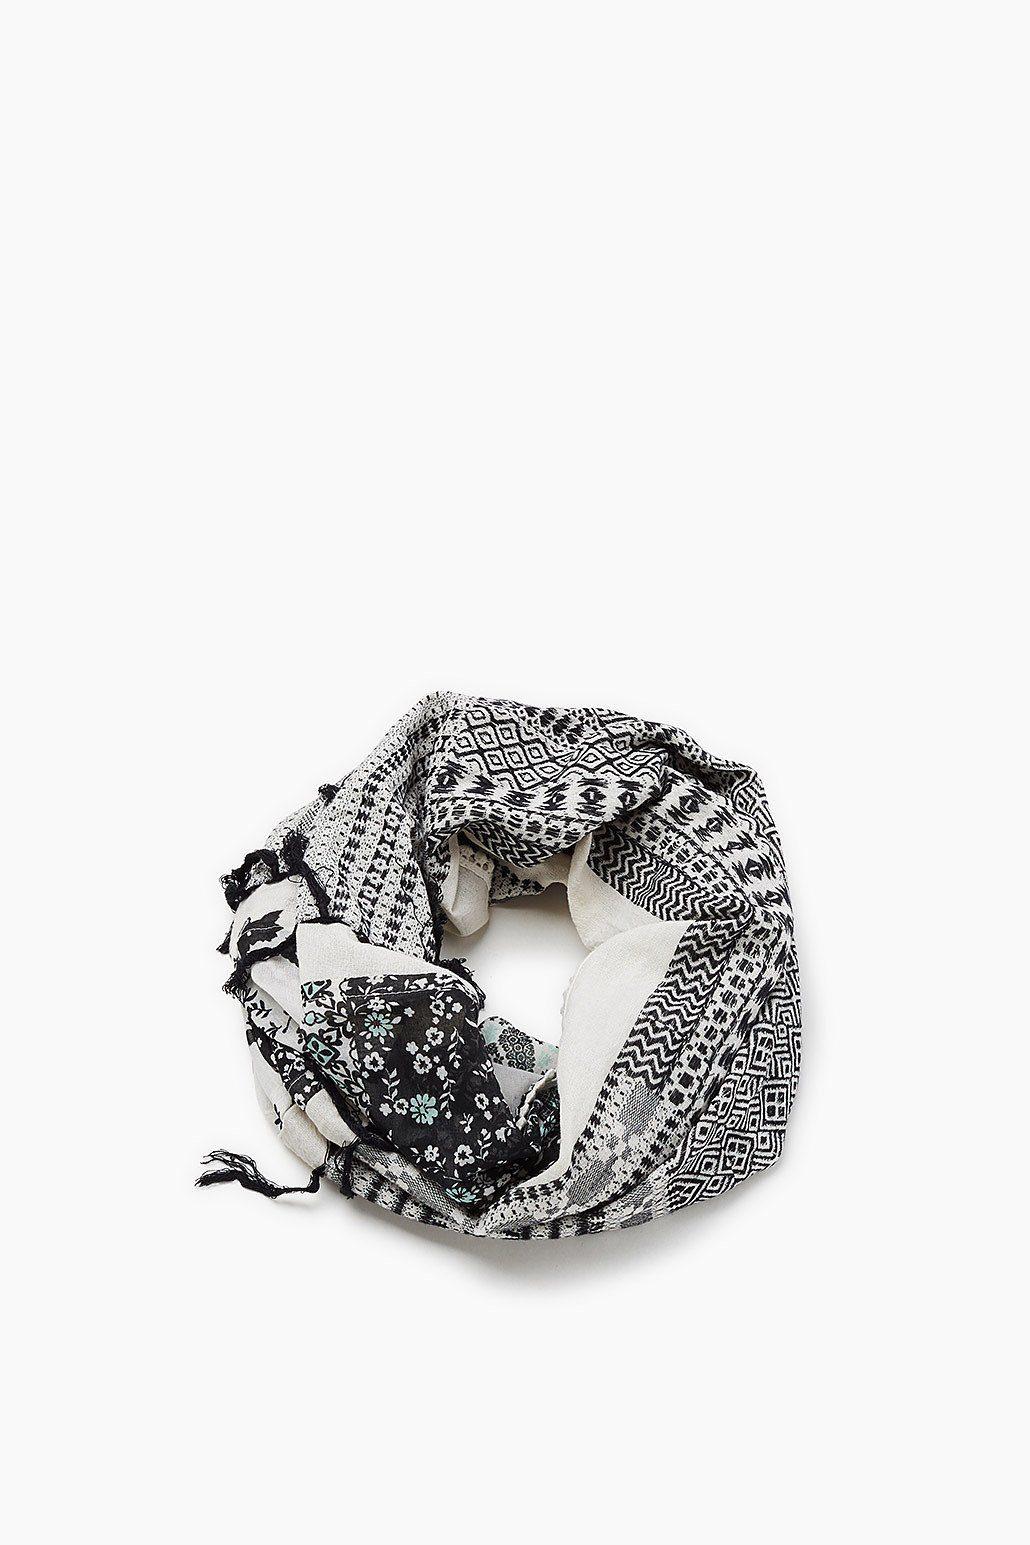 ESPRIT CASUAL Loop-Schal mit Print und Häkel-Details